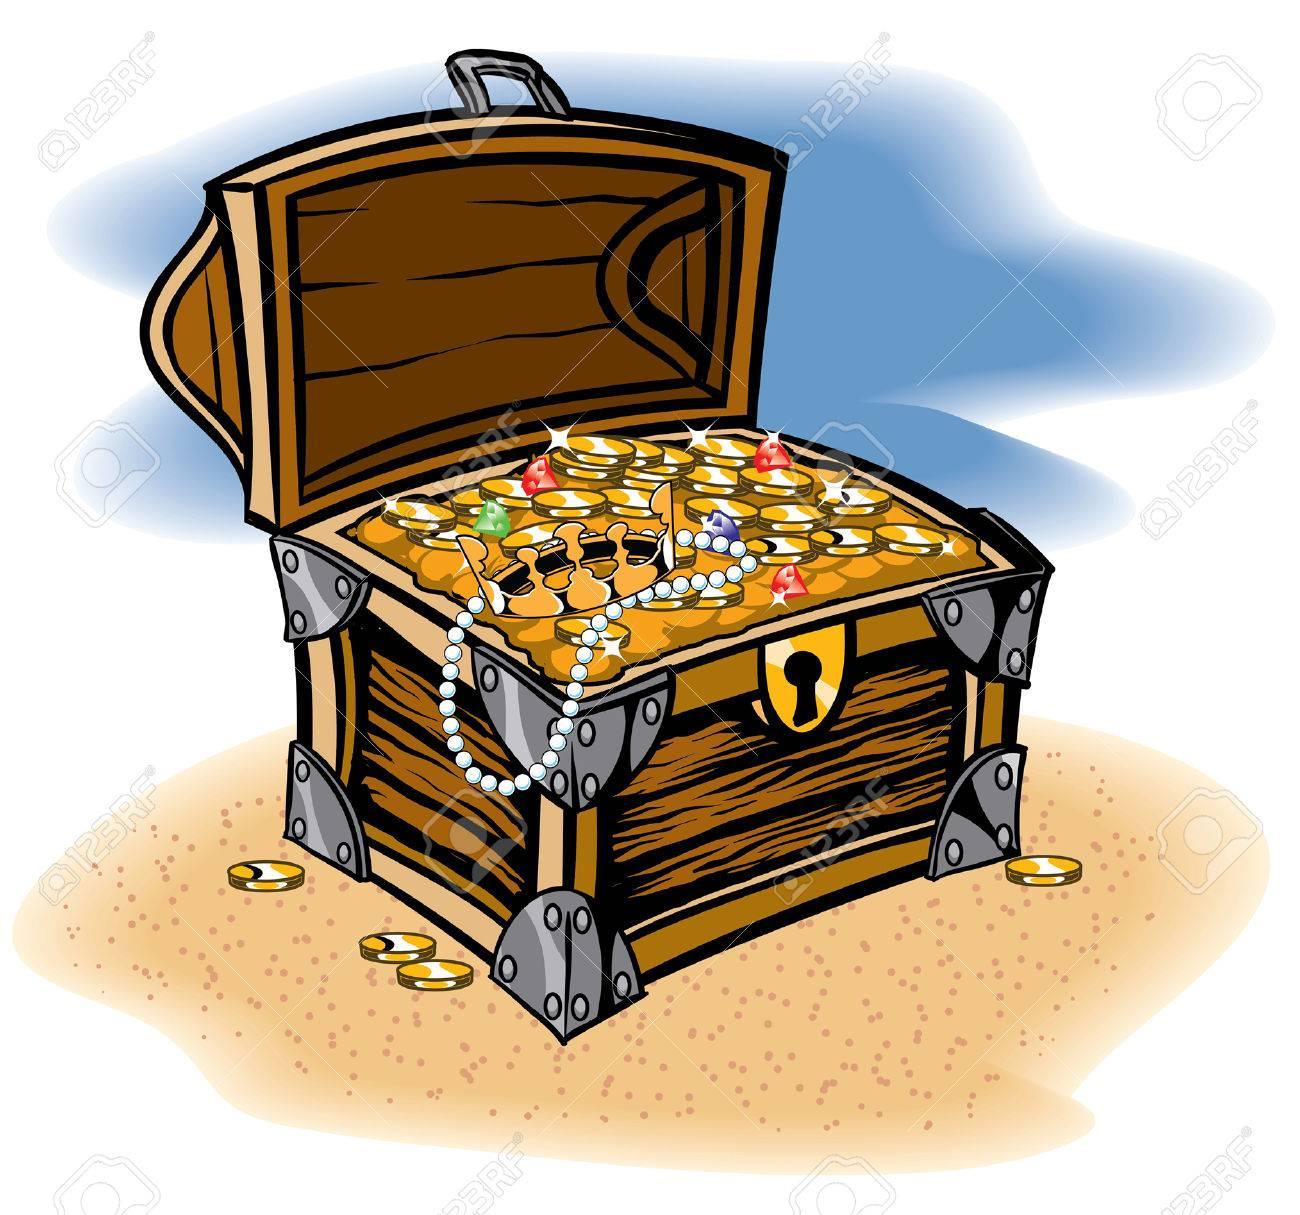 https://previews.123rf.com/images/jroblesart/jroblesart1501/jroblesart150100157/35460188-schatzkiste-voll-von-einem-kopfgeld-von-münzen-und-juwelen.jpg